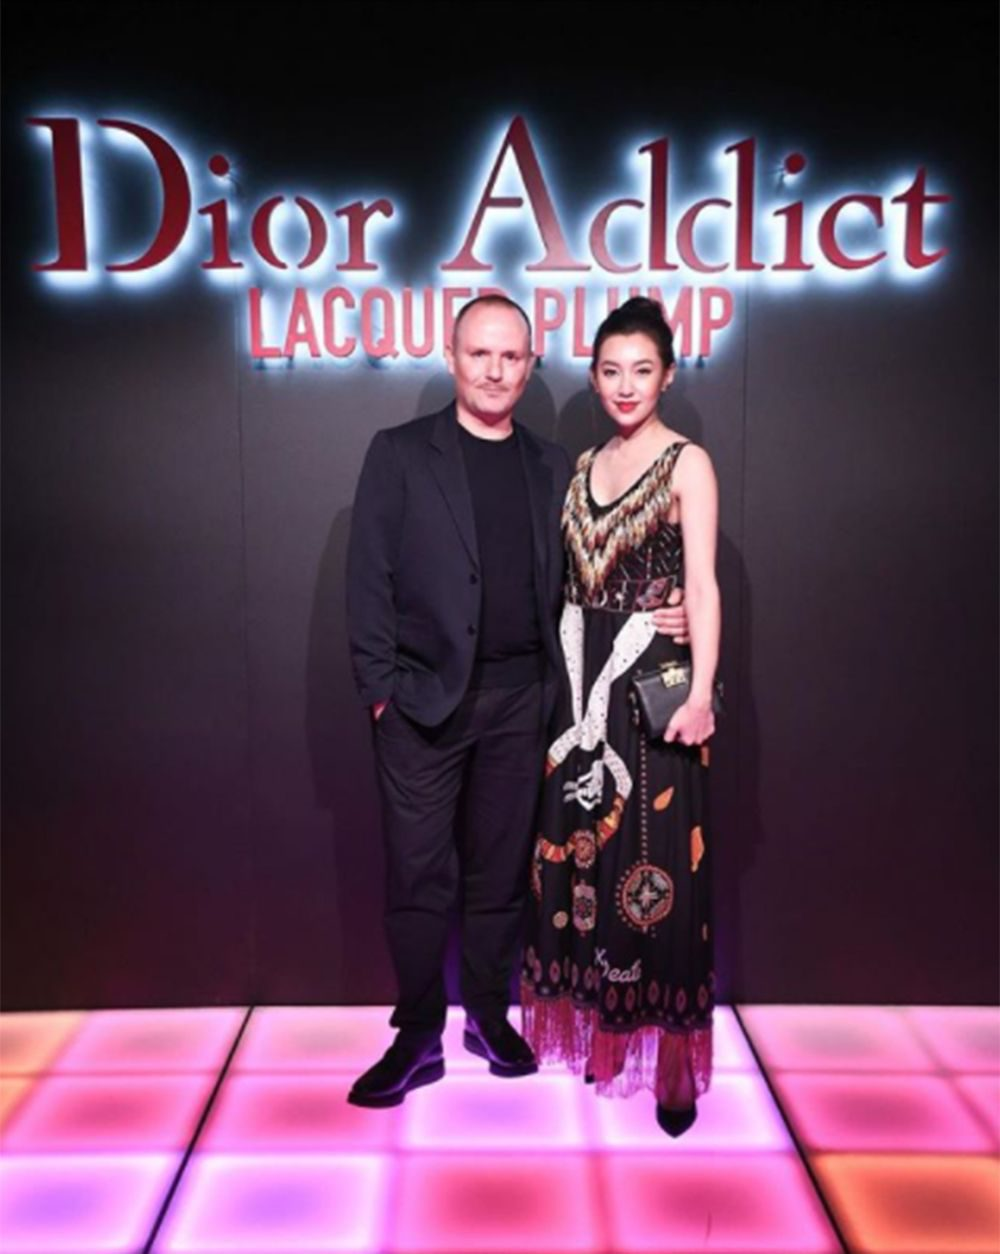 มิสเตอร์ปีเตอร์ ฟิลิปส์ (the creative and image director of Christian Dior makeup)